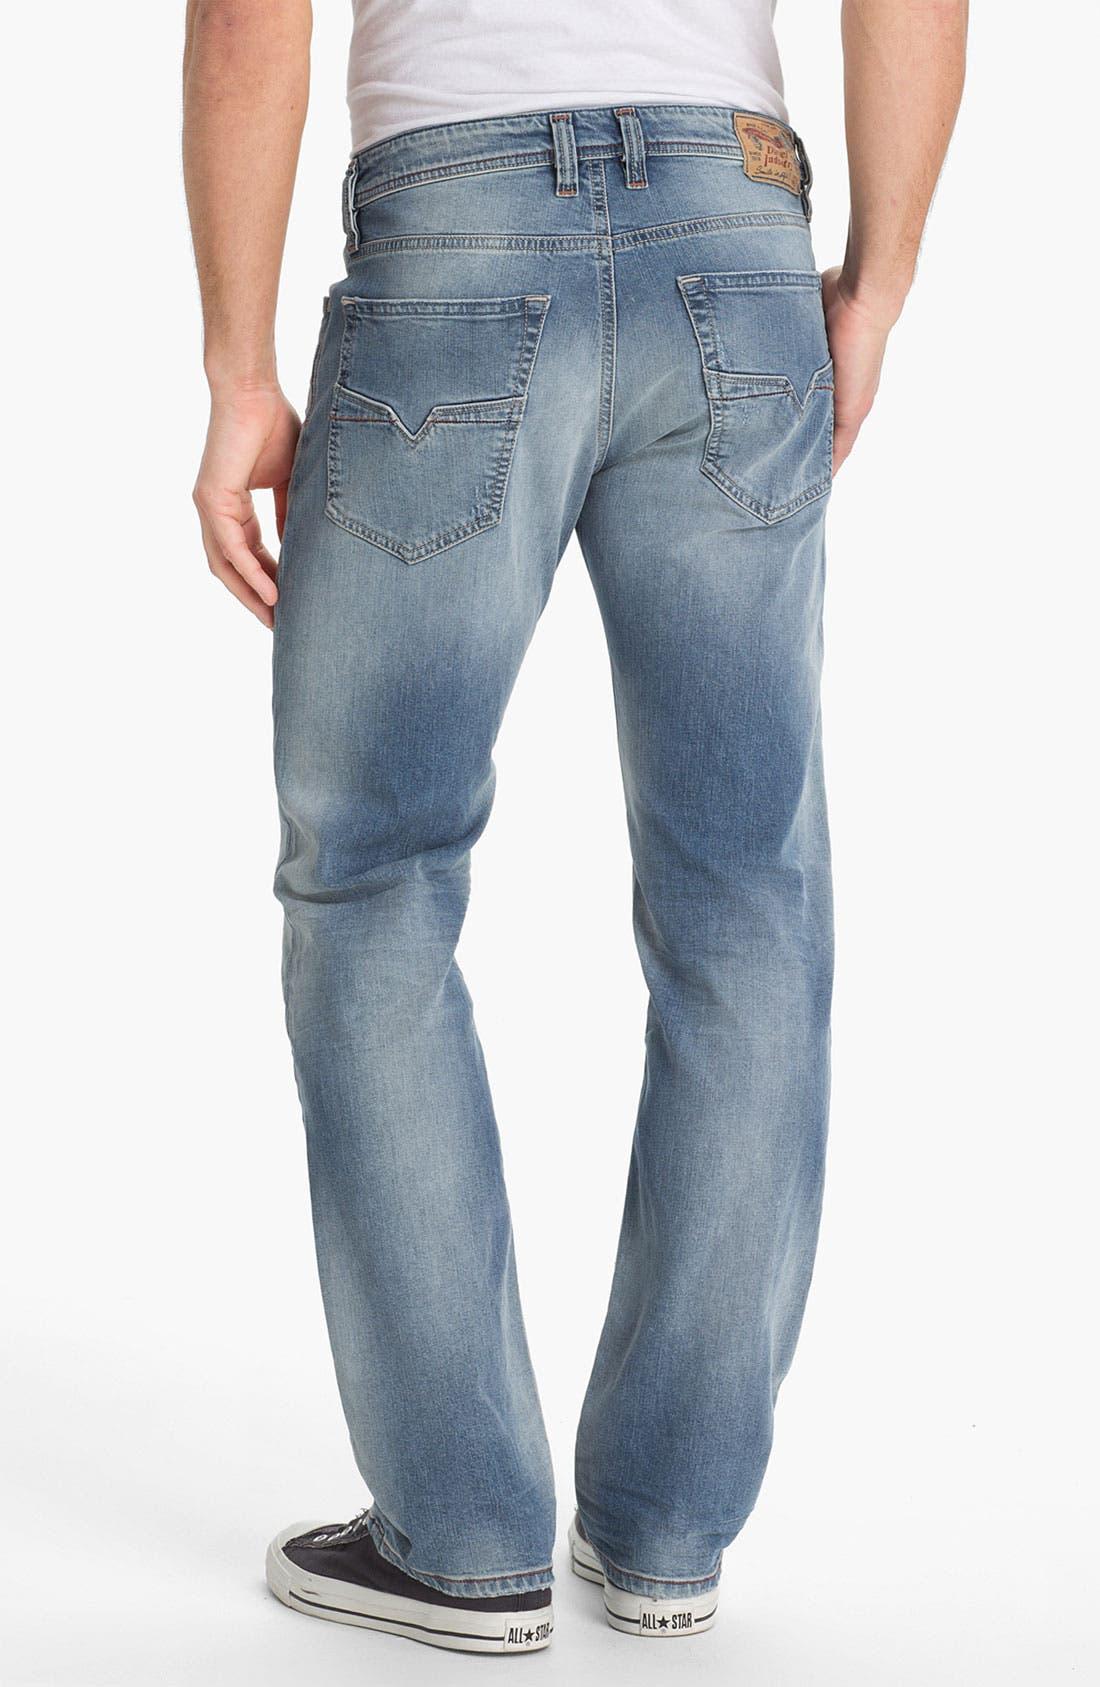 Alternate Image 1 Selected - DIESEL® 'Larkee' Relaxed Straight Leg Jeans (0811E)